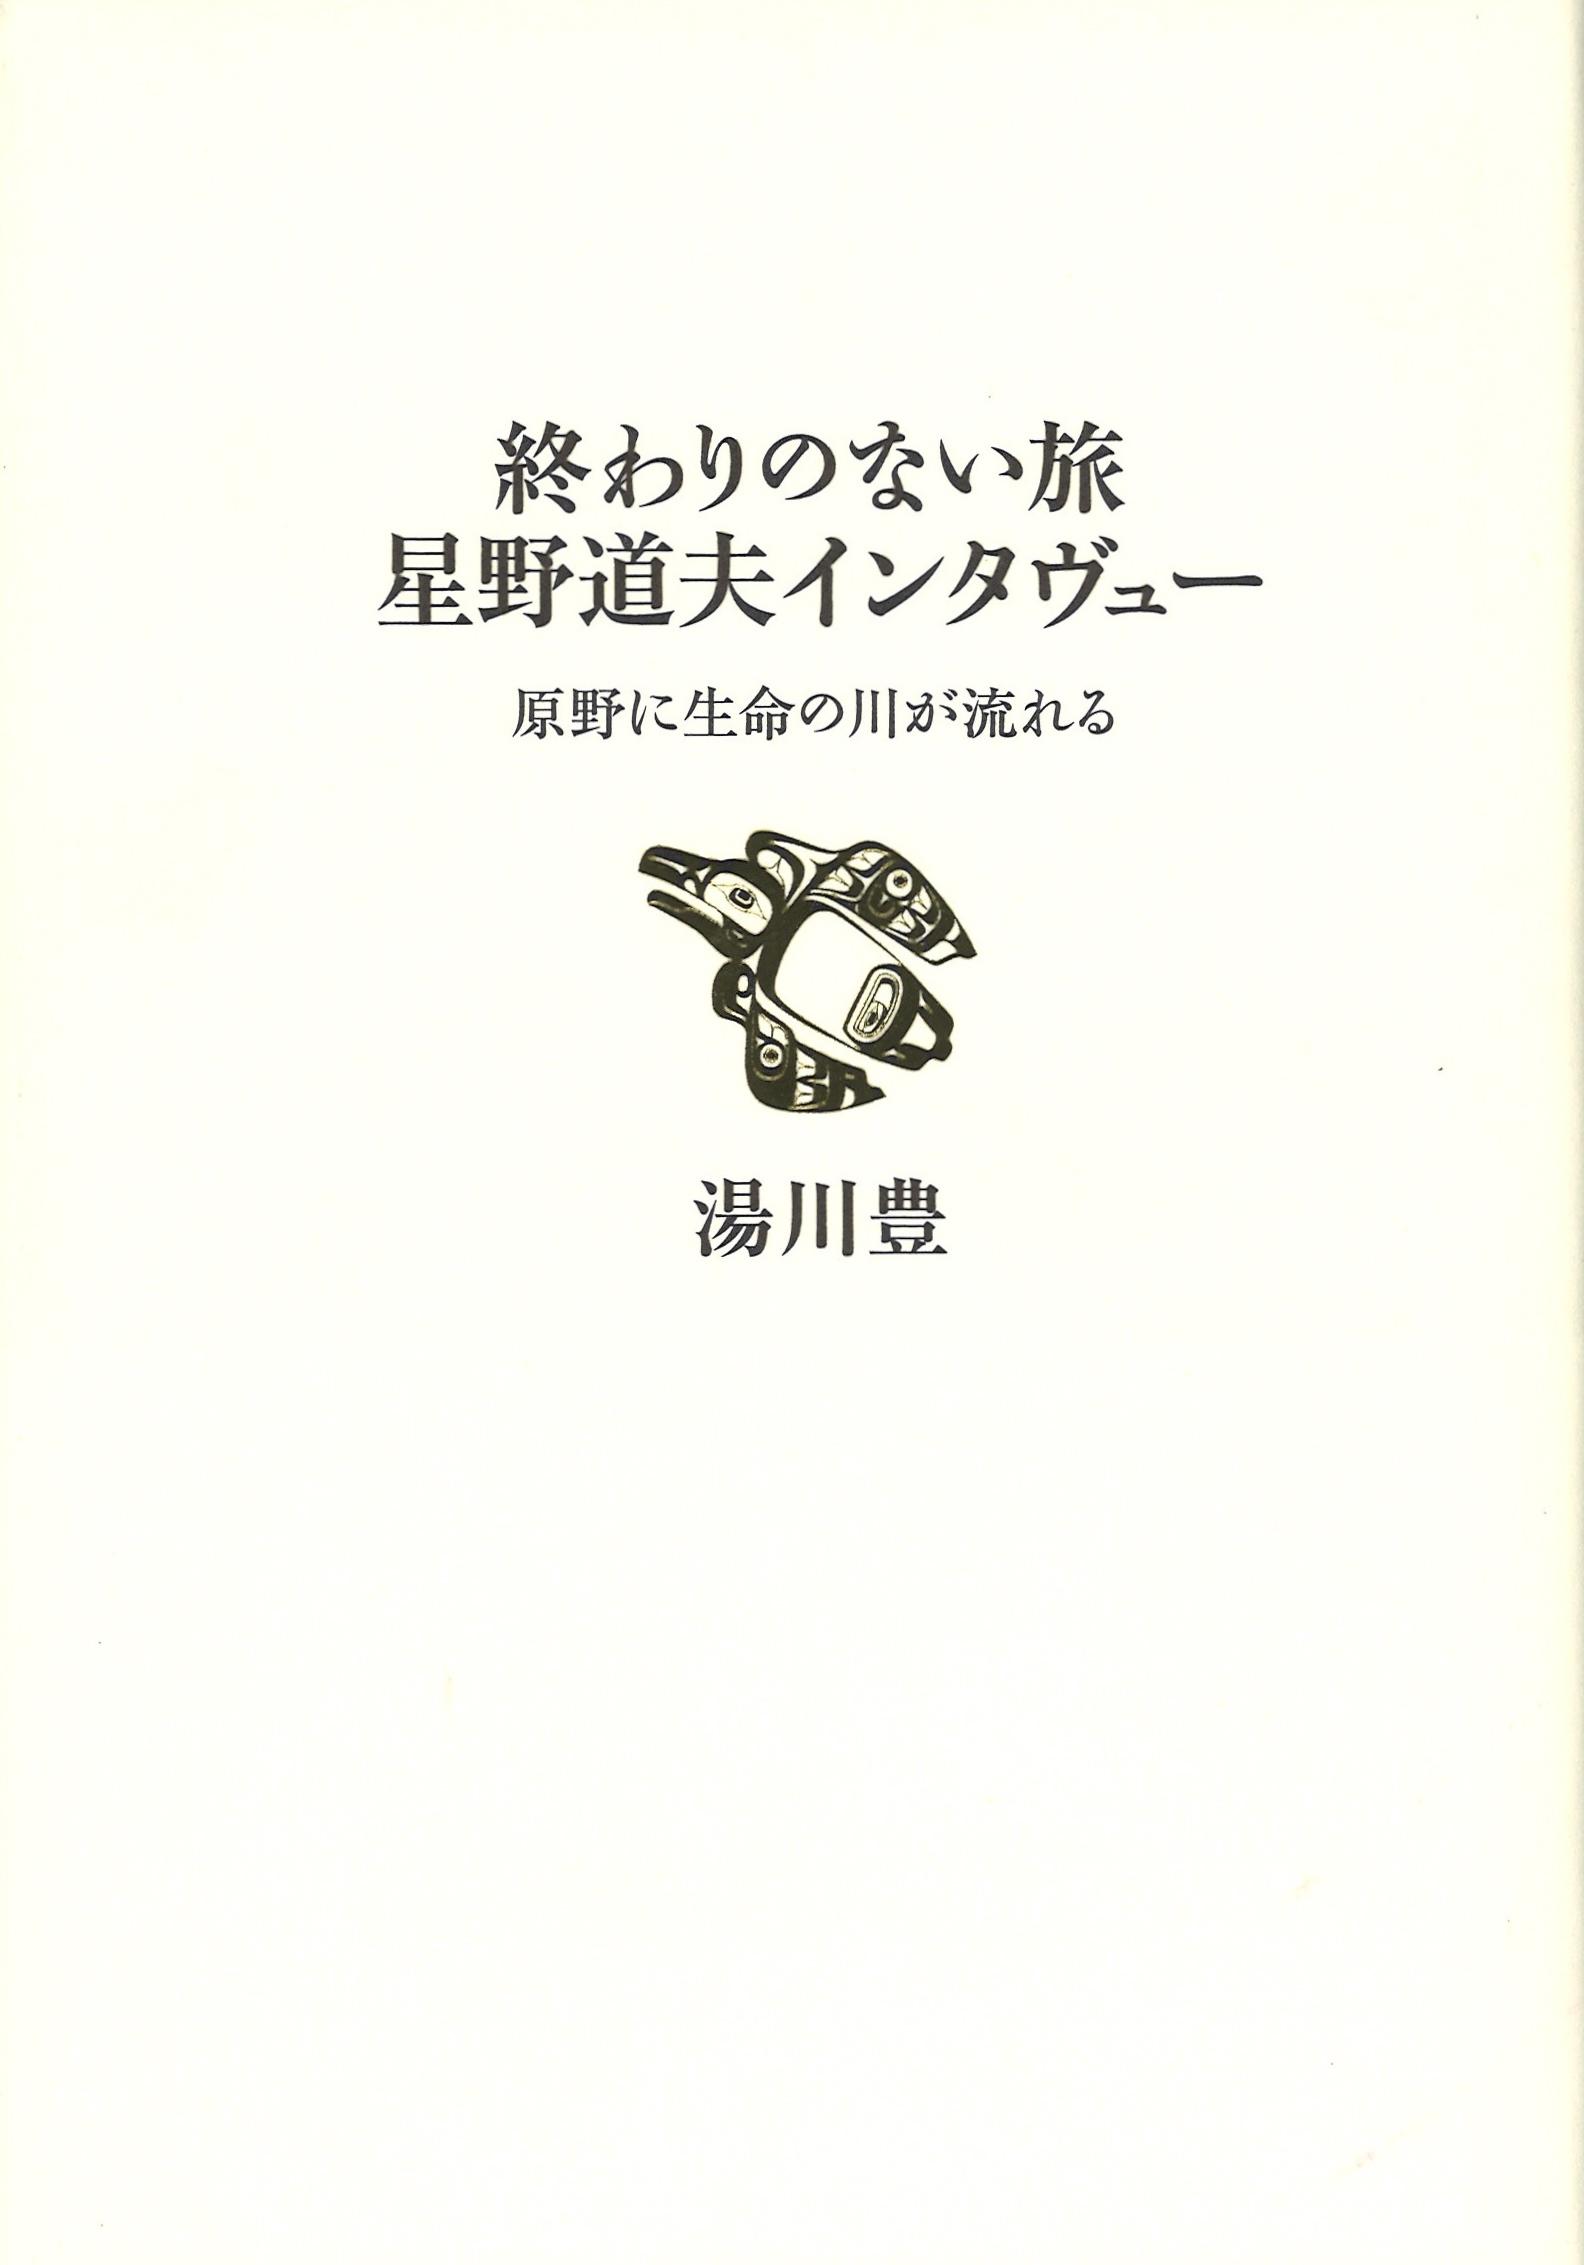 湯川豊・星野道夫 『終わりのない旅』